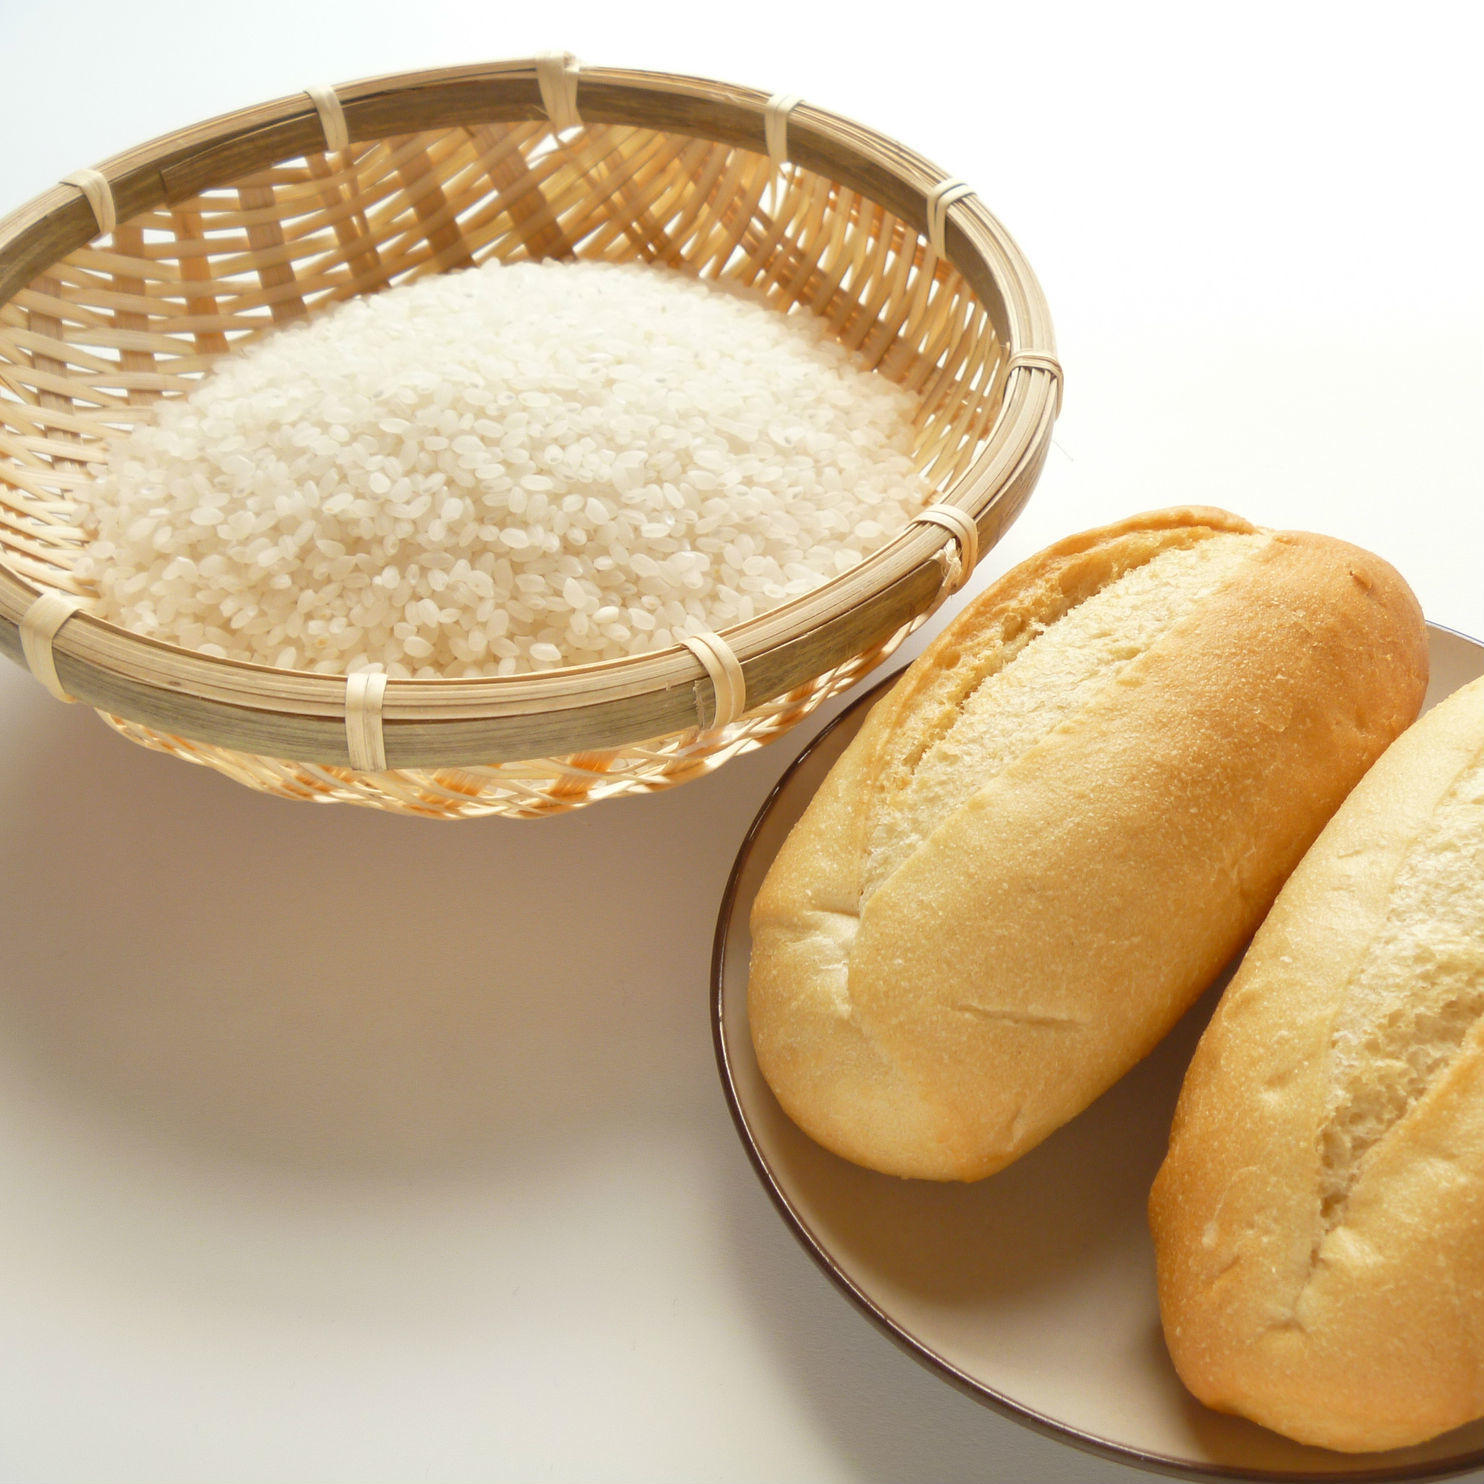 話題のグルテンフリー。小麦はダメよ。じゃあ何を食べるべき?